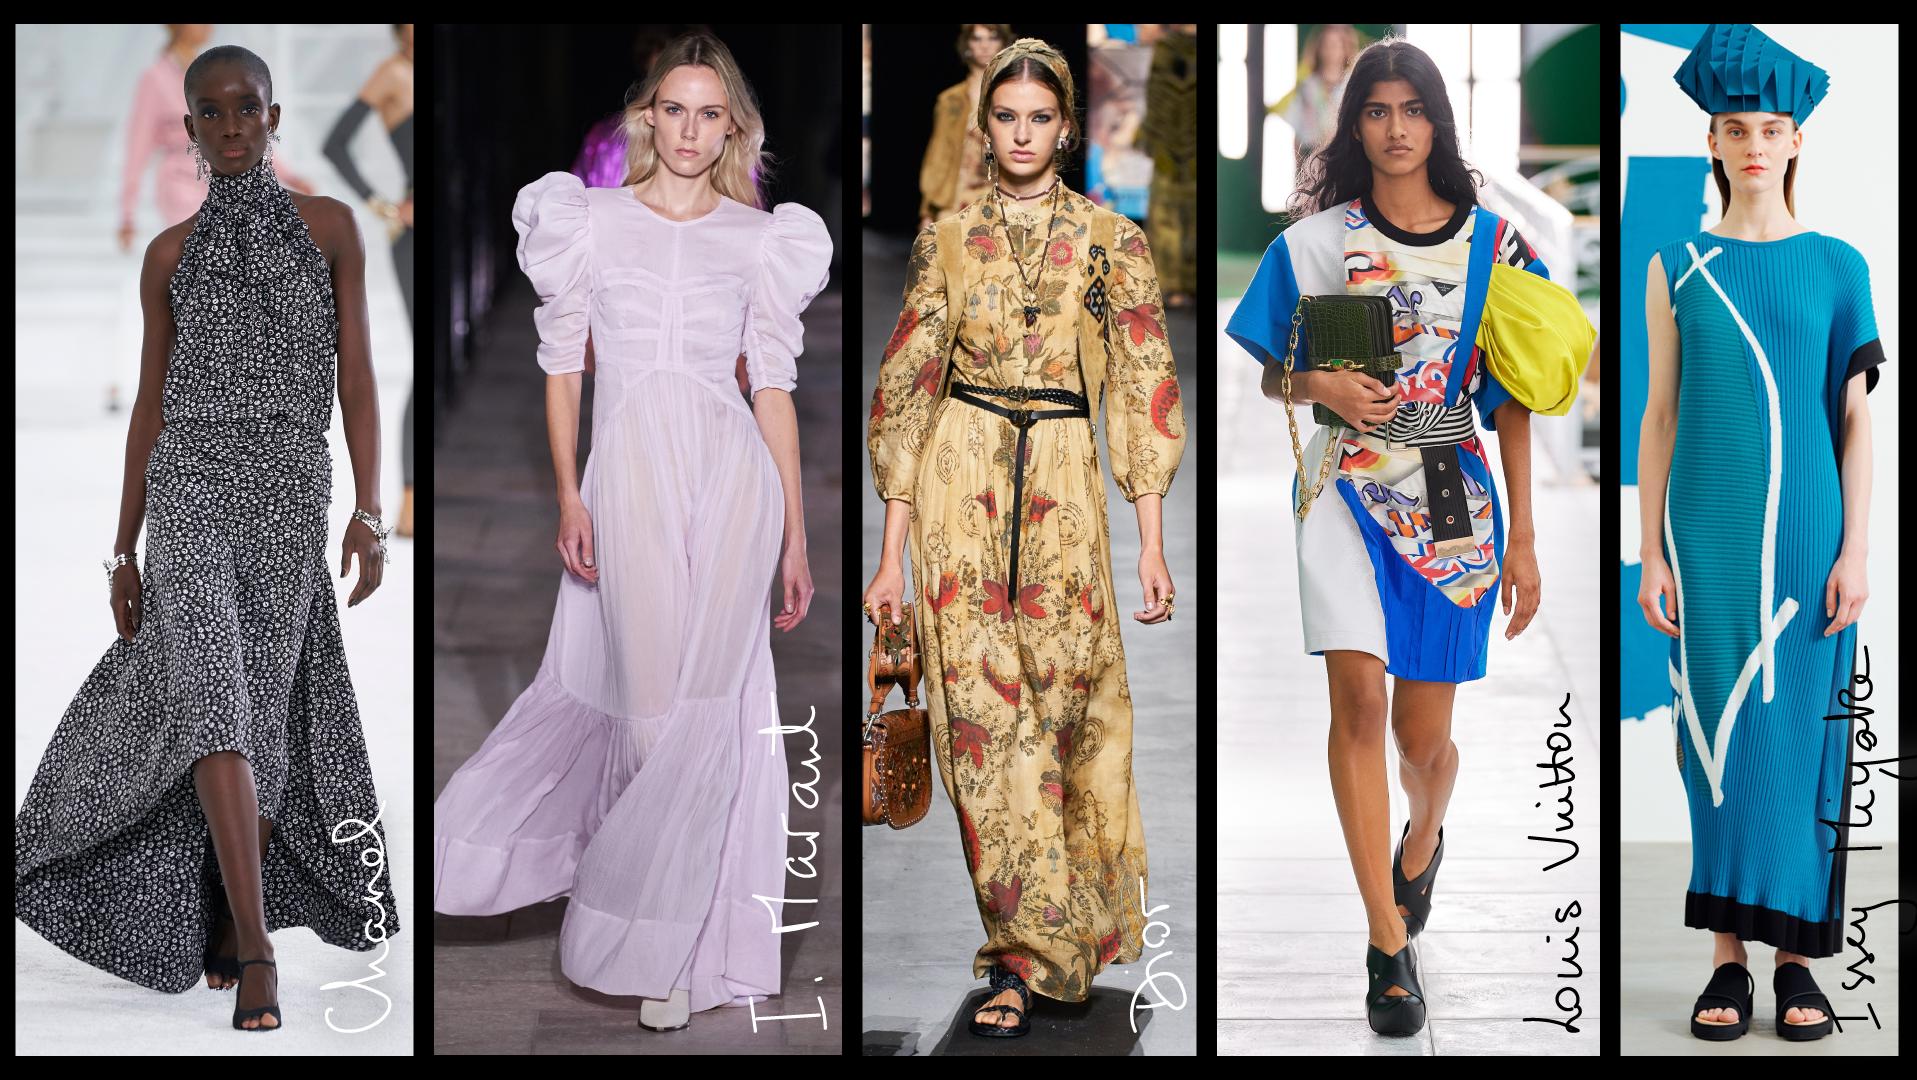 big dresses extreme comfort trends 2021 spring summer justine leconte